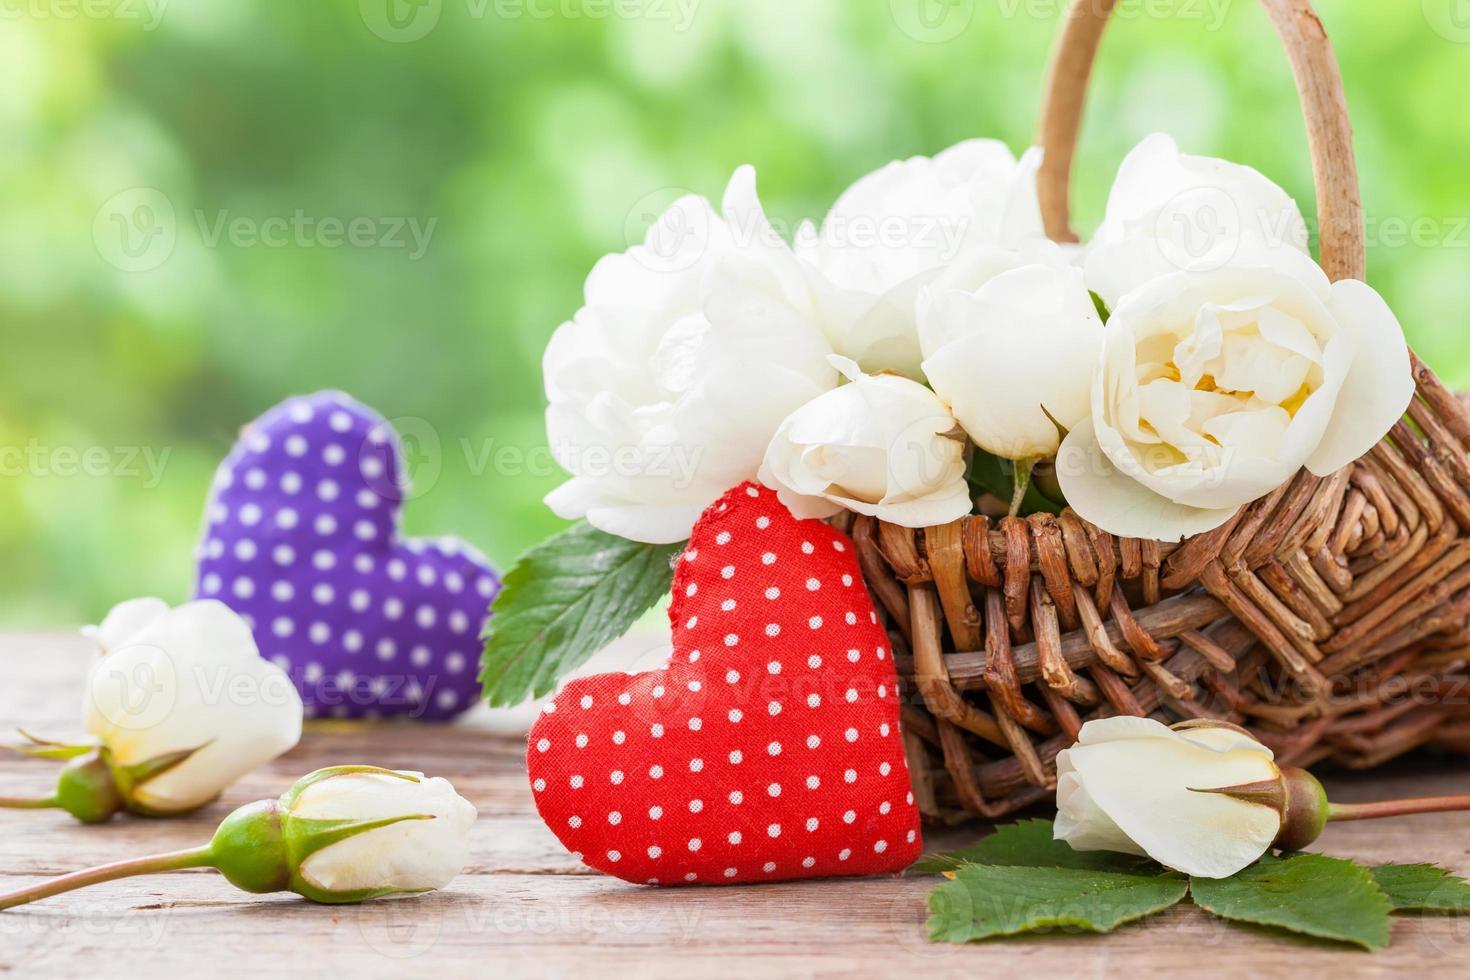 panier en osier avec des fleurs de rose sauvage et deux coeurs. photo